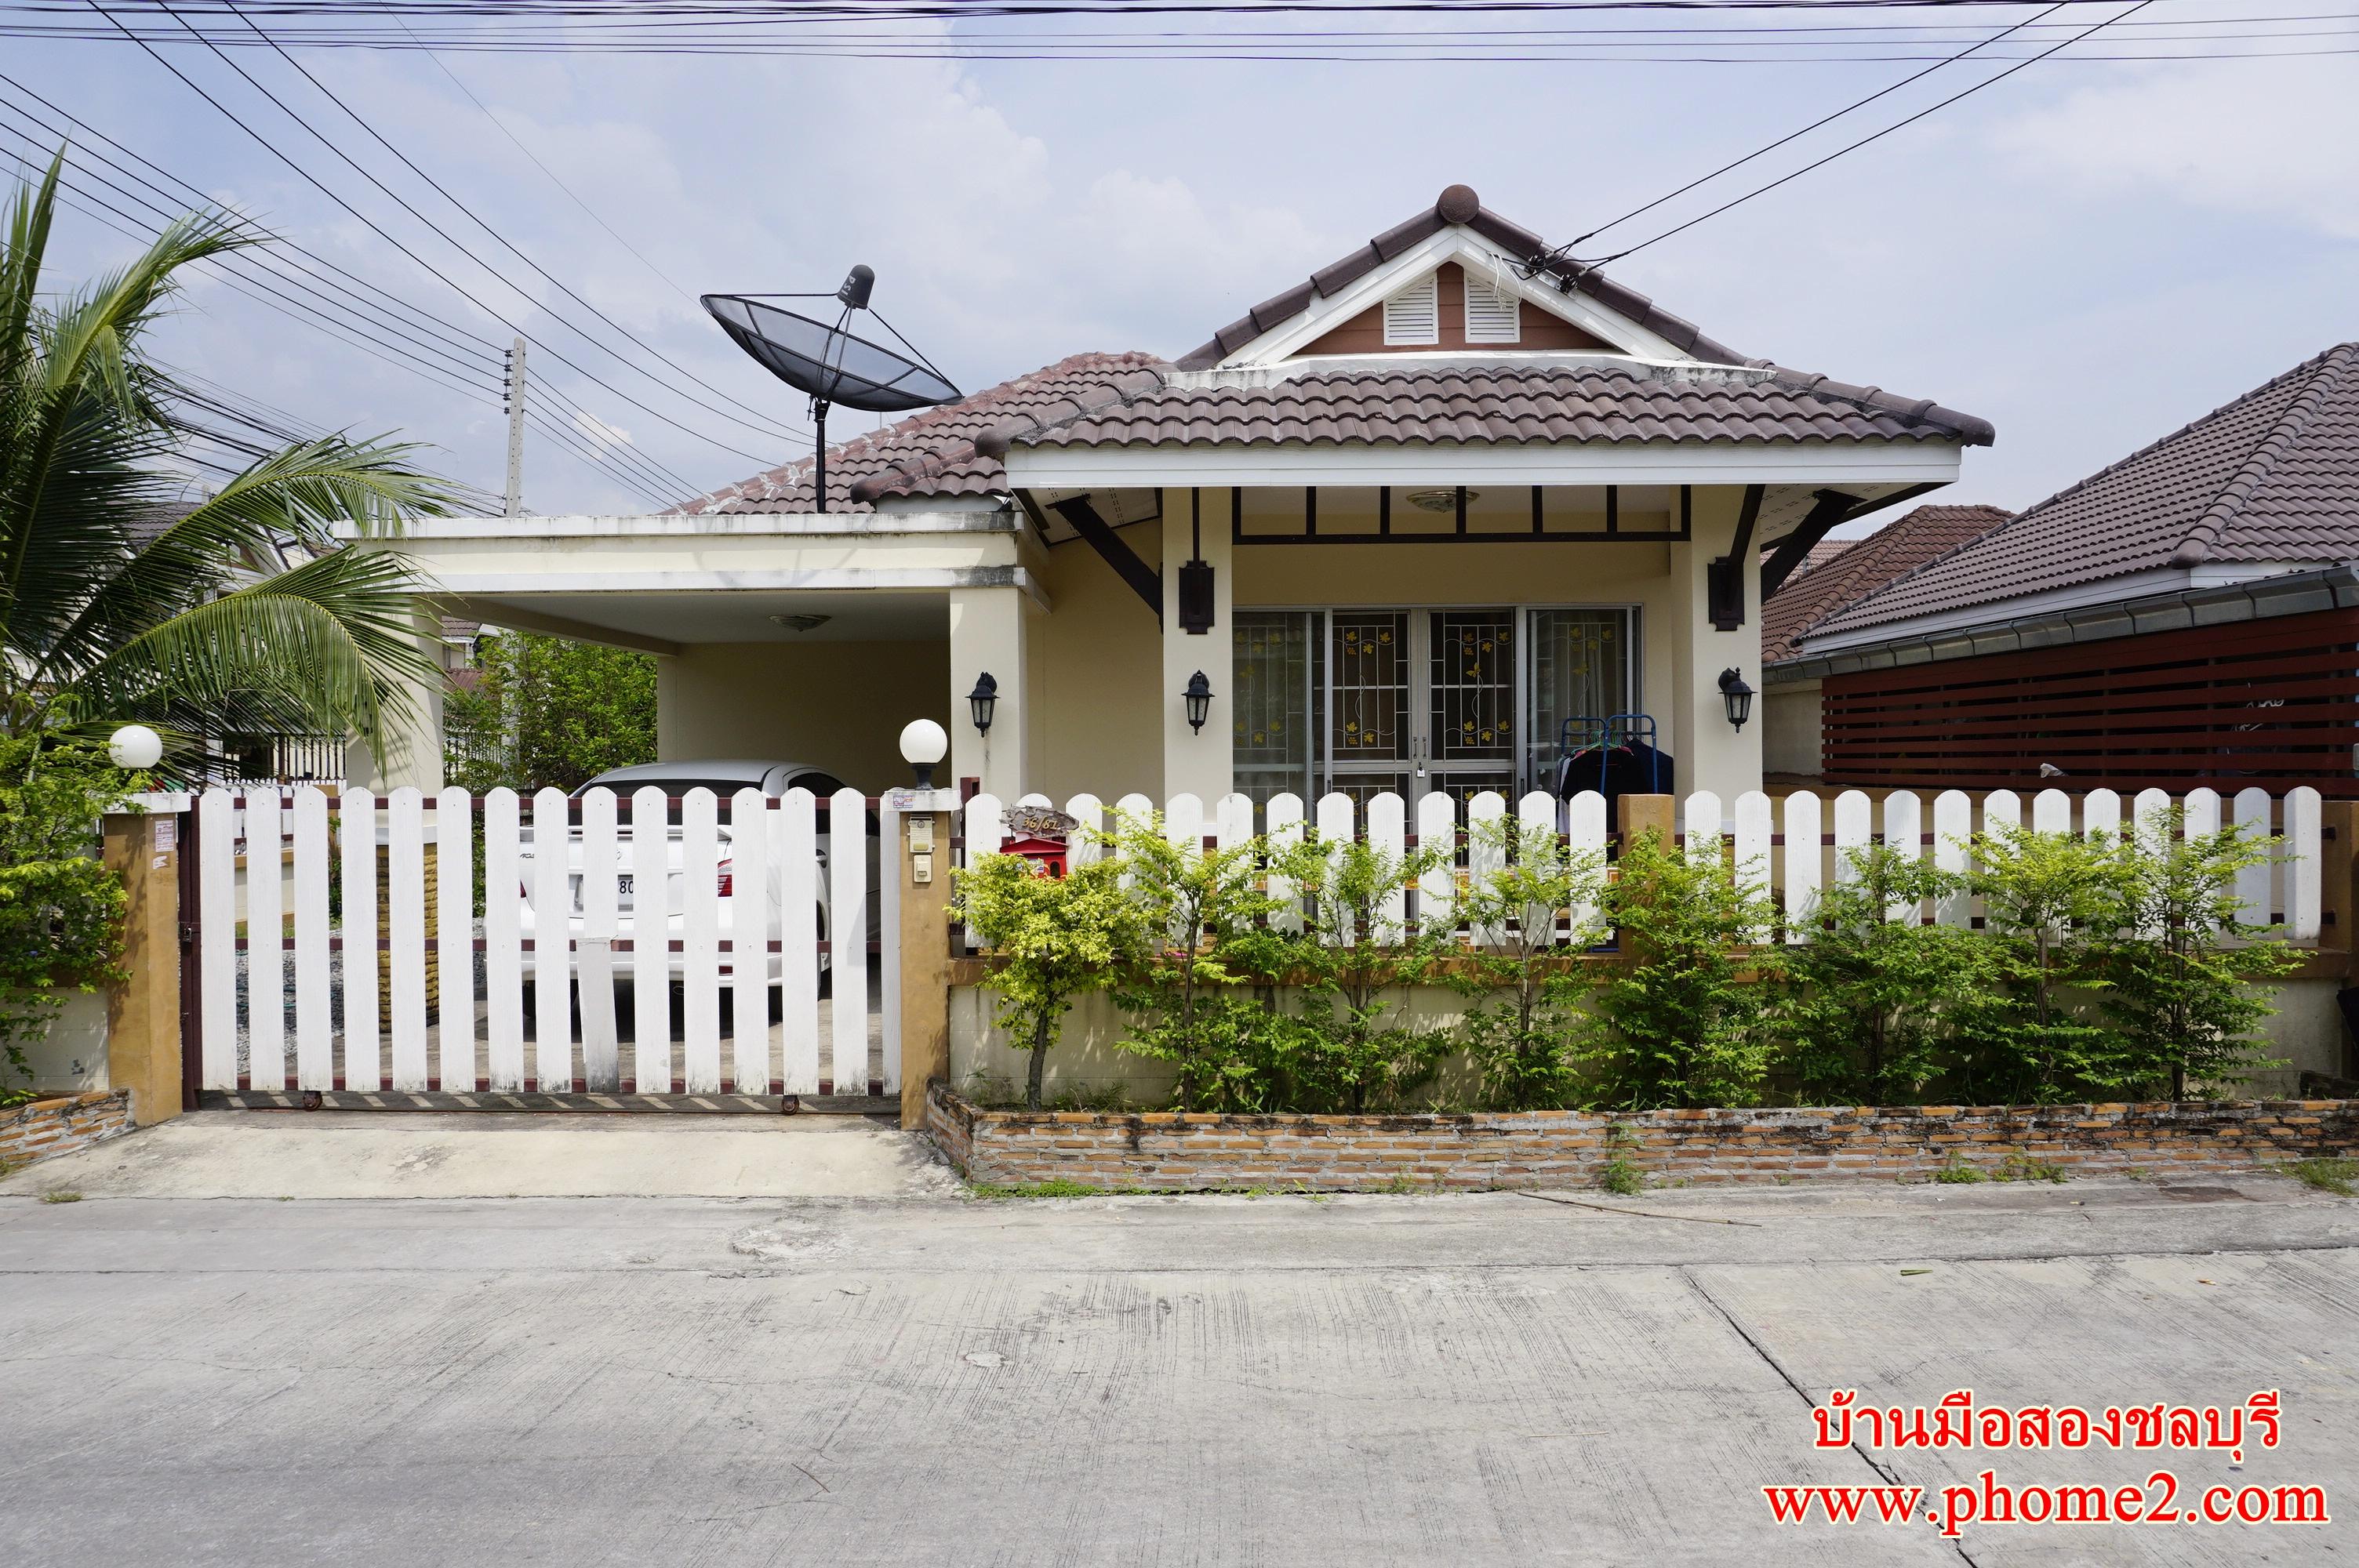 บ้านเดี่ยวชั้นเดียว ม.สินเจริญวิลล่า ต.สำนักบก อ.เมืองชลบุรี